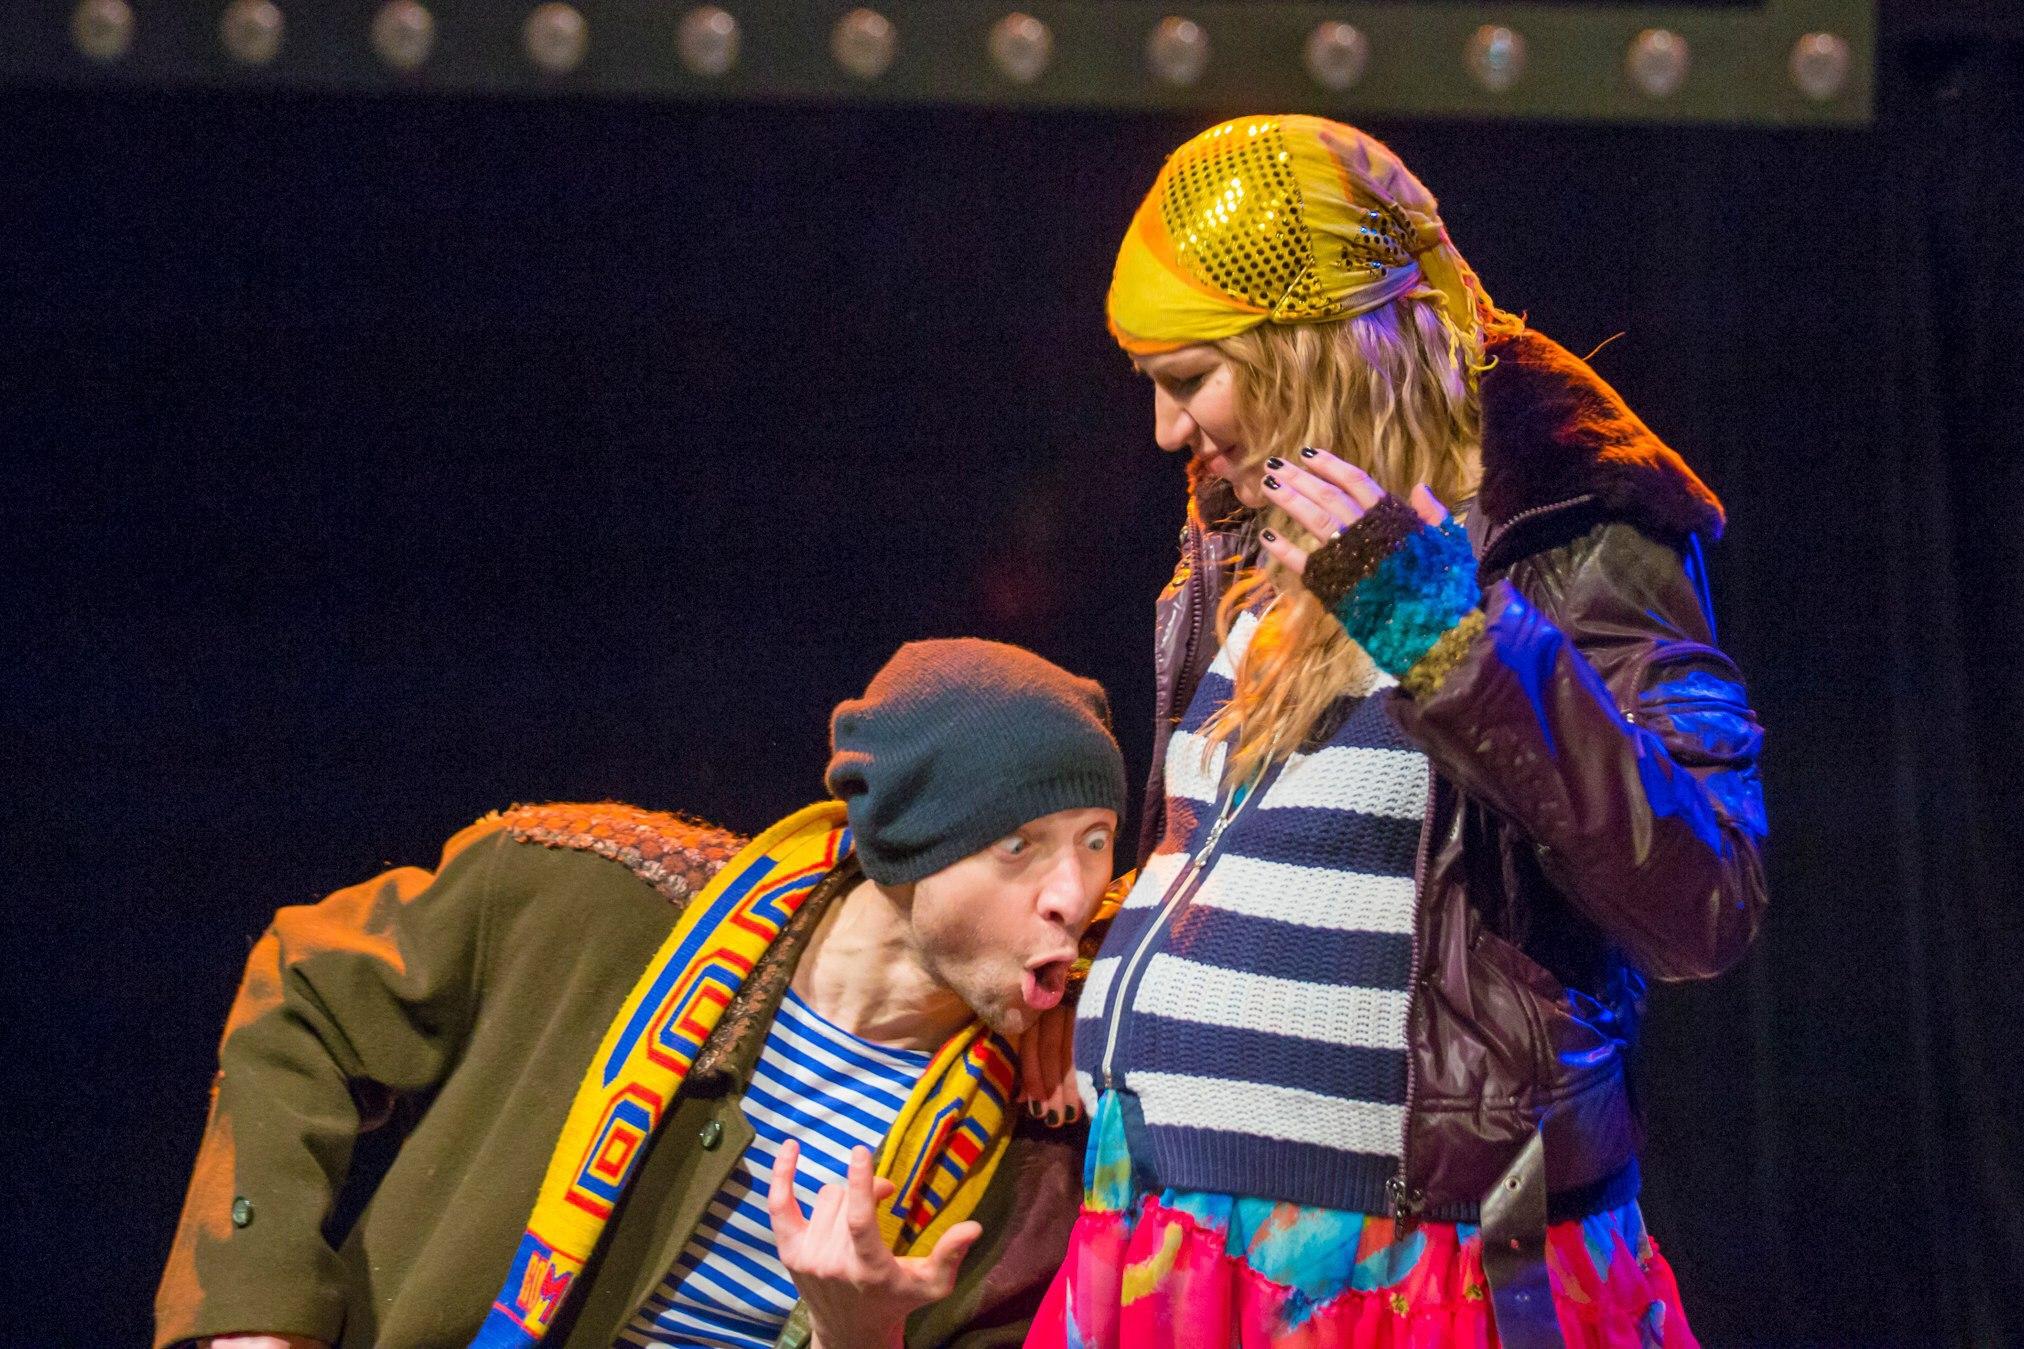 Спектакль  «Двое бедных румын, говорящих по-польски» в Театре Луны